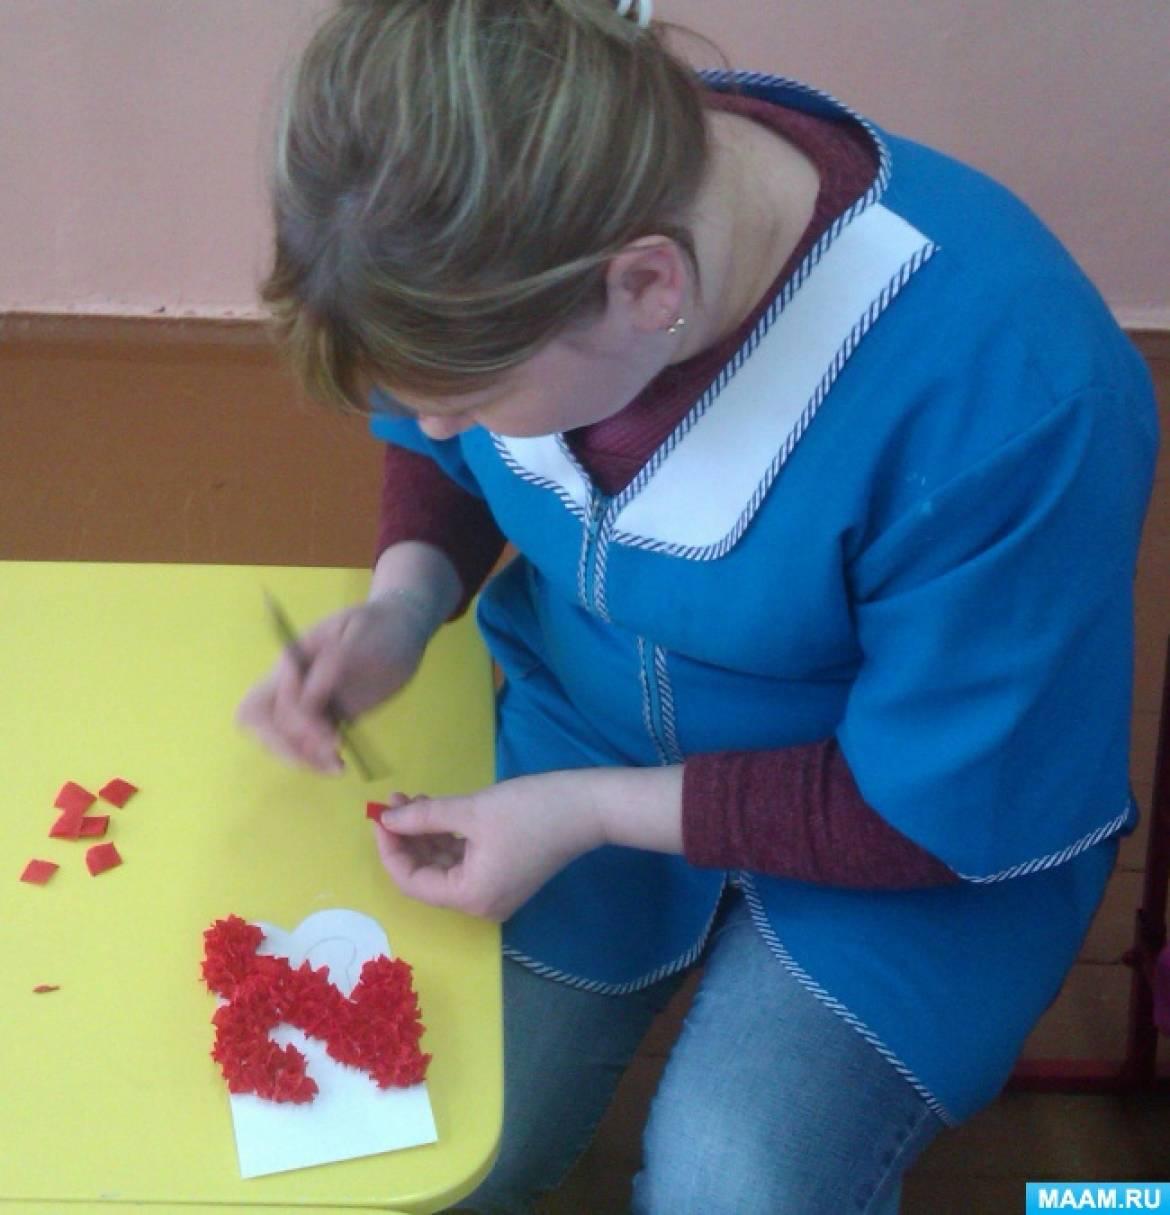 Фотоотчёт о проведении занятия по аппликации с детьми 5–7 лет «Открытка для защитников Отечества»